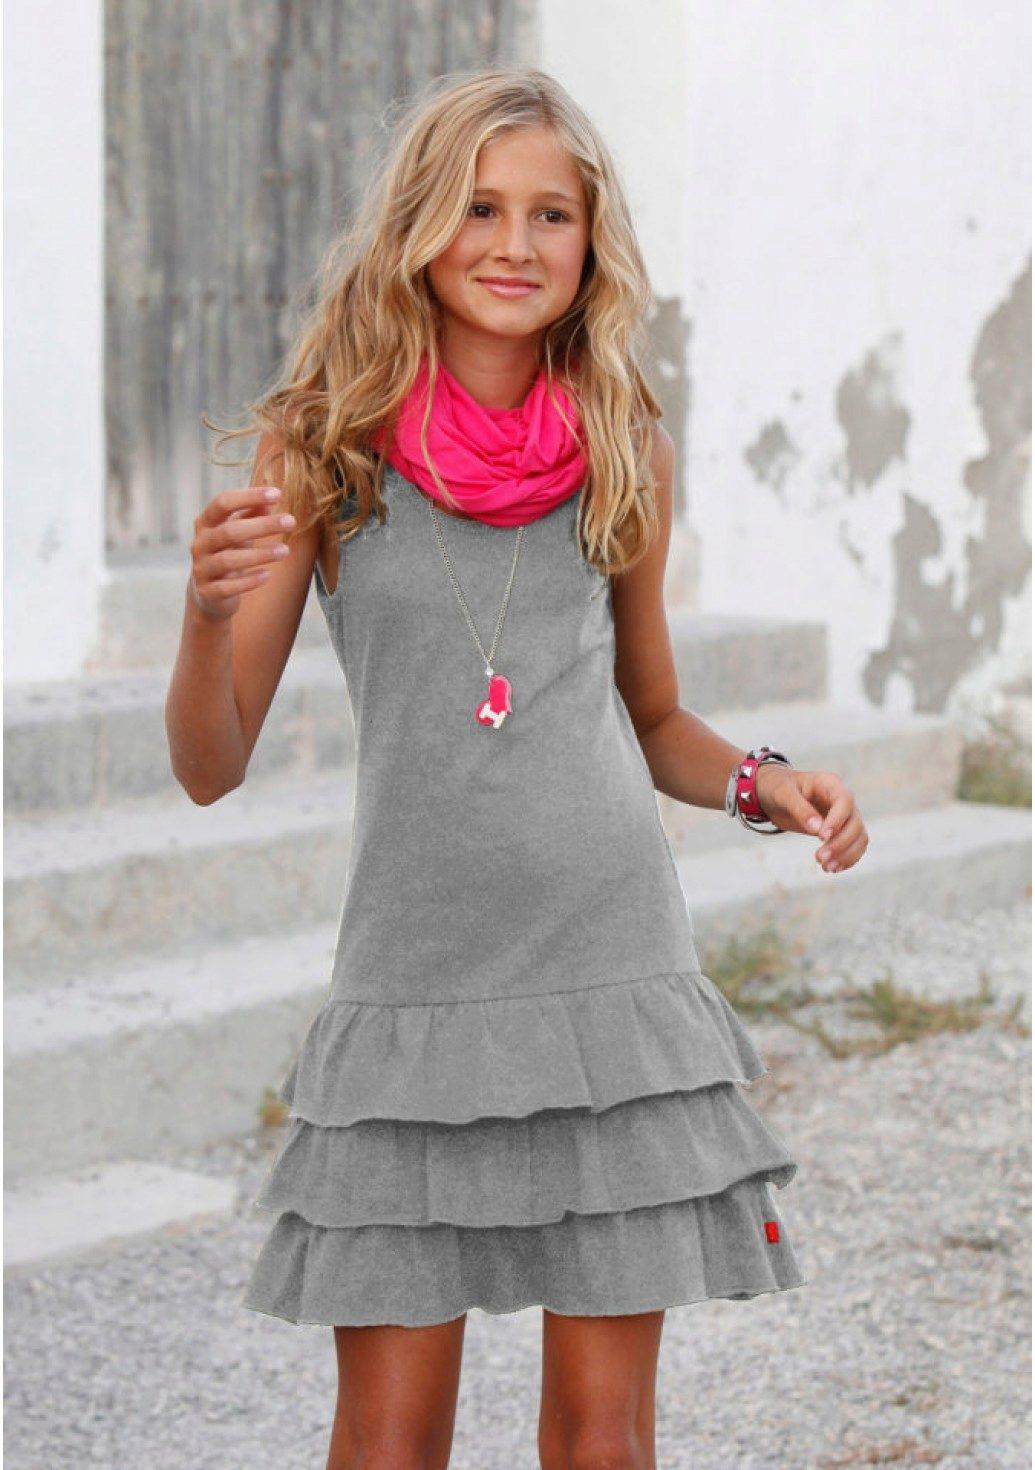 ecbc65137ae Трикотажные платья для девочек  платья из трикотажа для 2